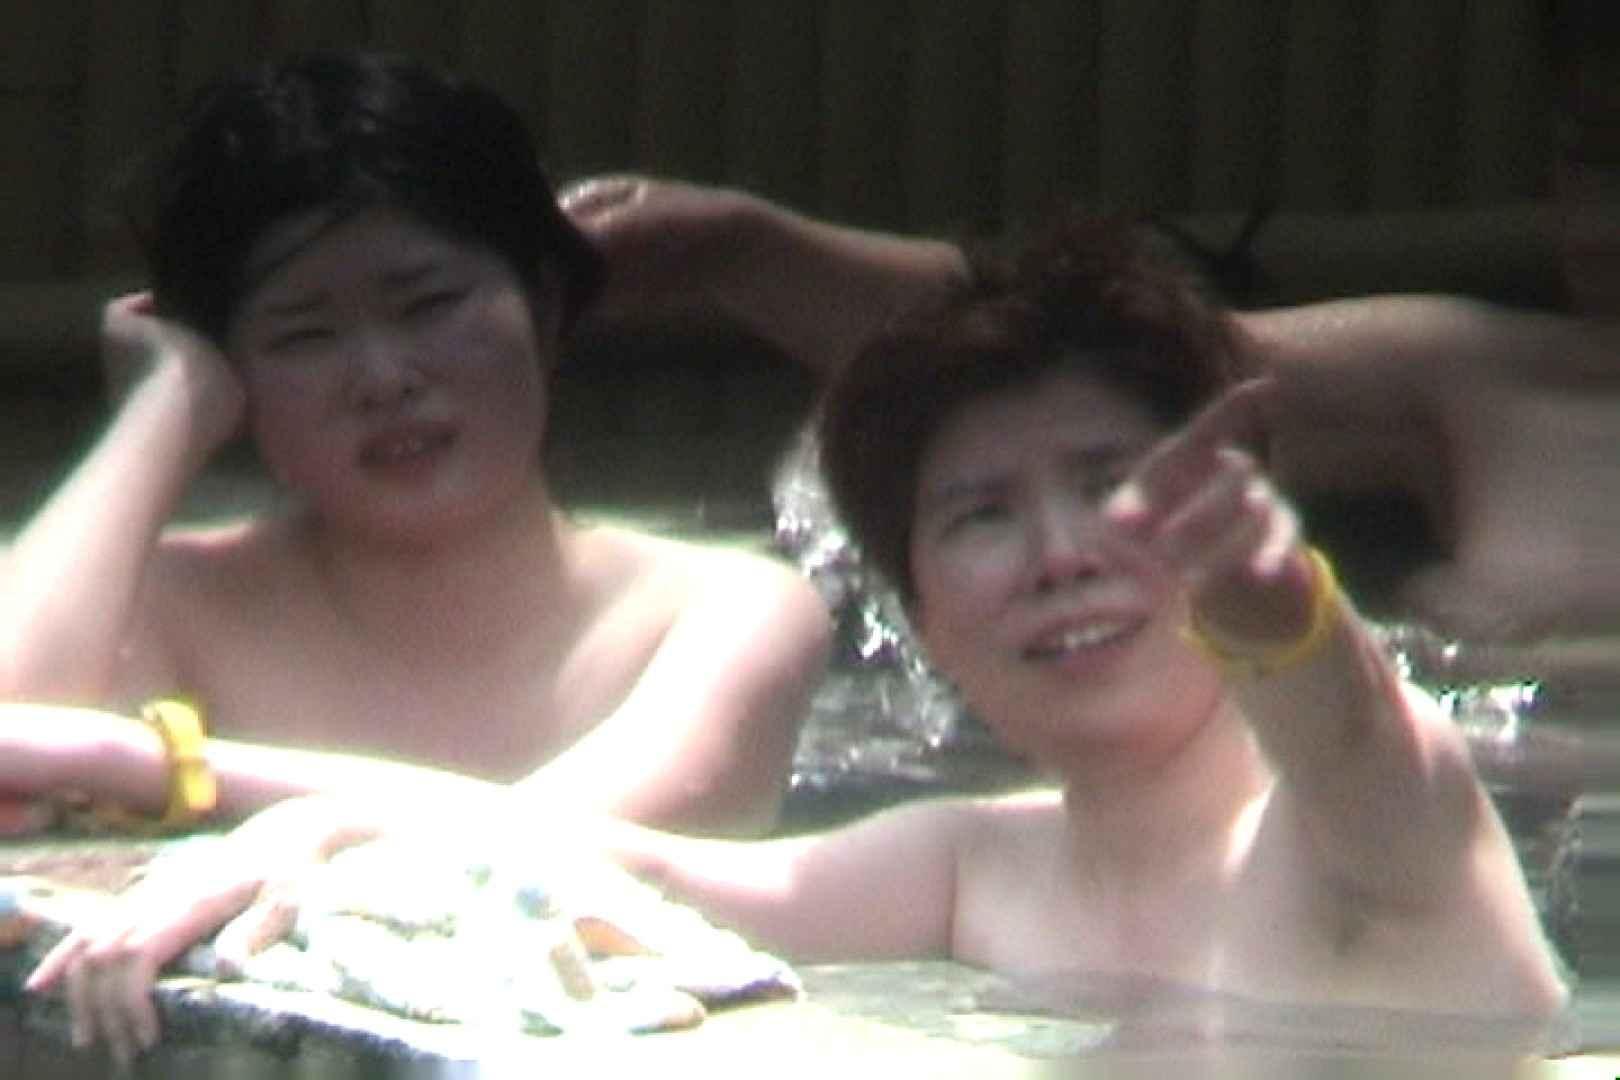 Aquaな露天風呂Vol.54【VIP限定】 盗撮師作品 ぱこり動画紹介 88pic 56